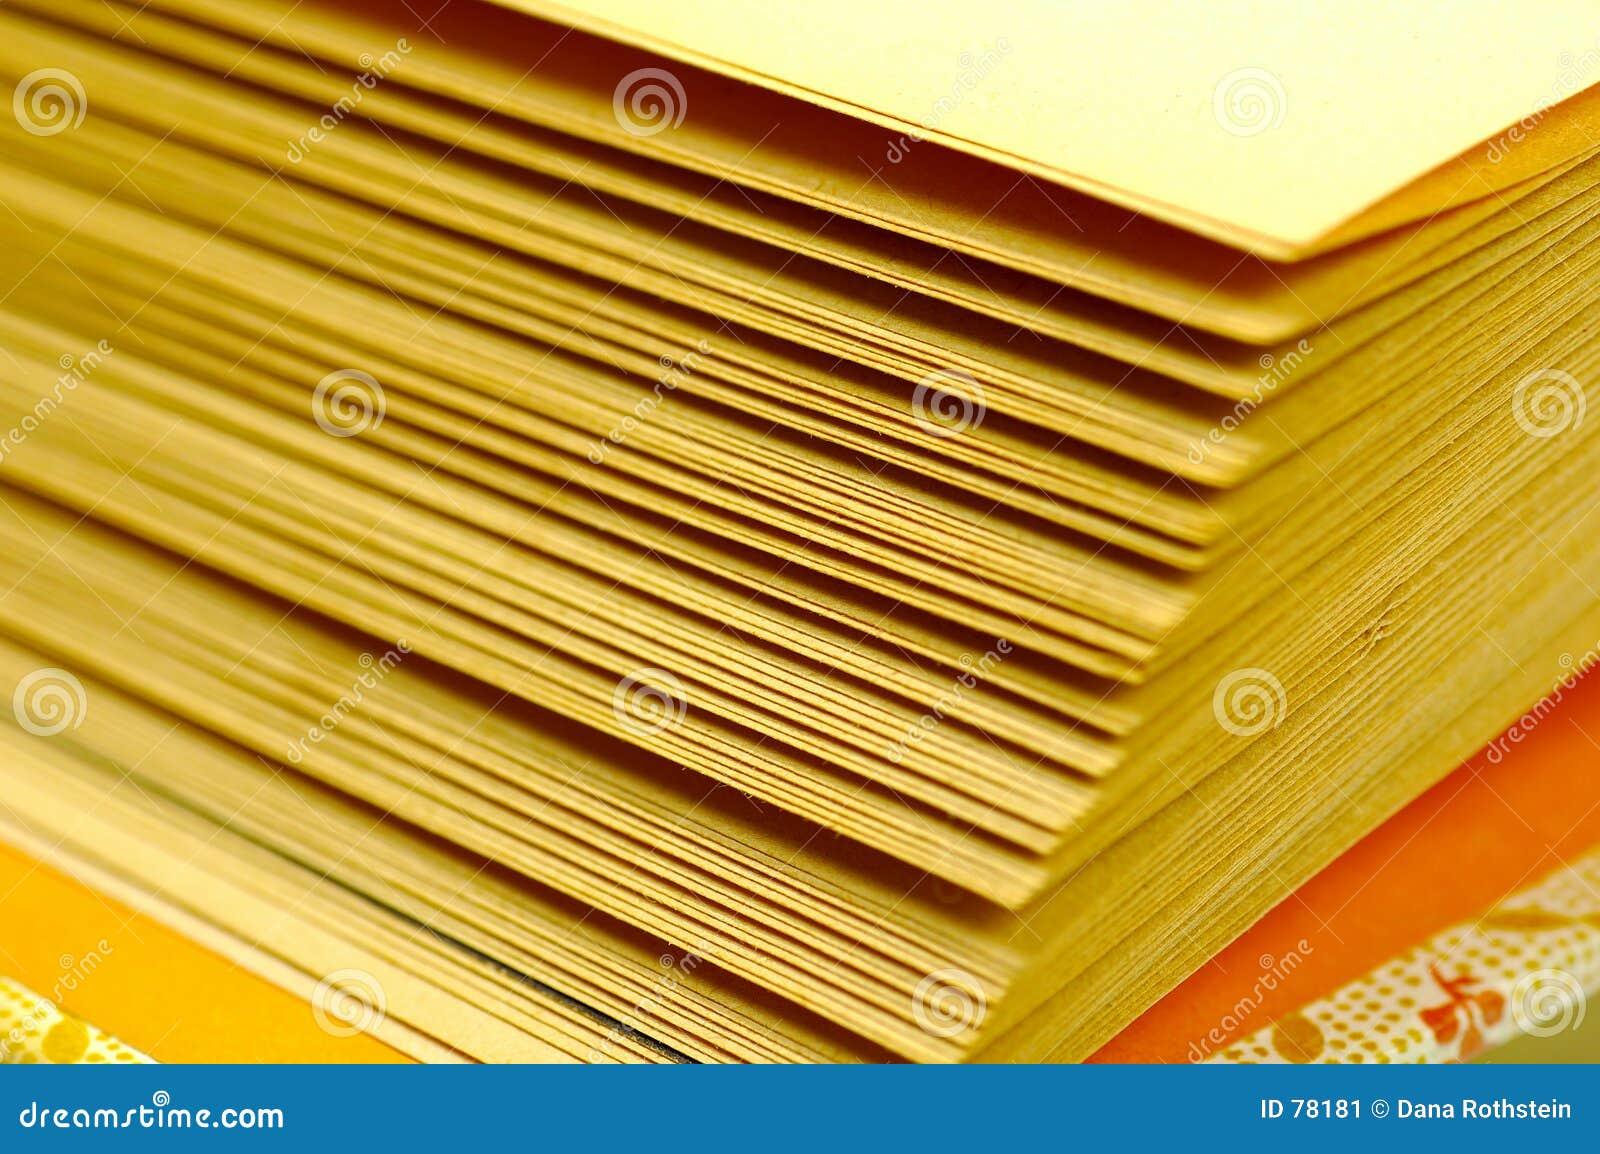 Buch-Seiten